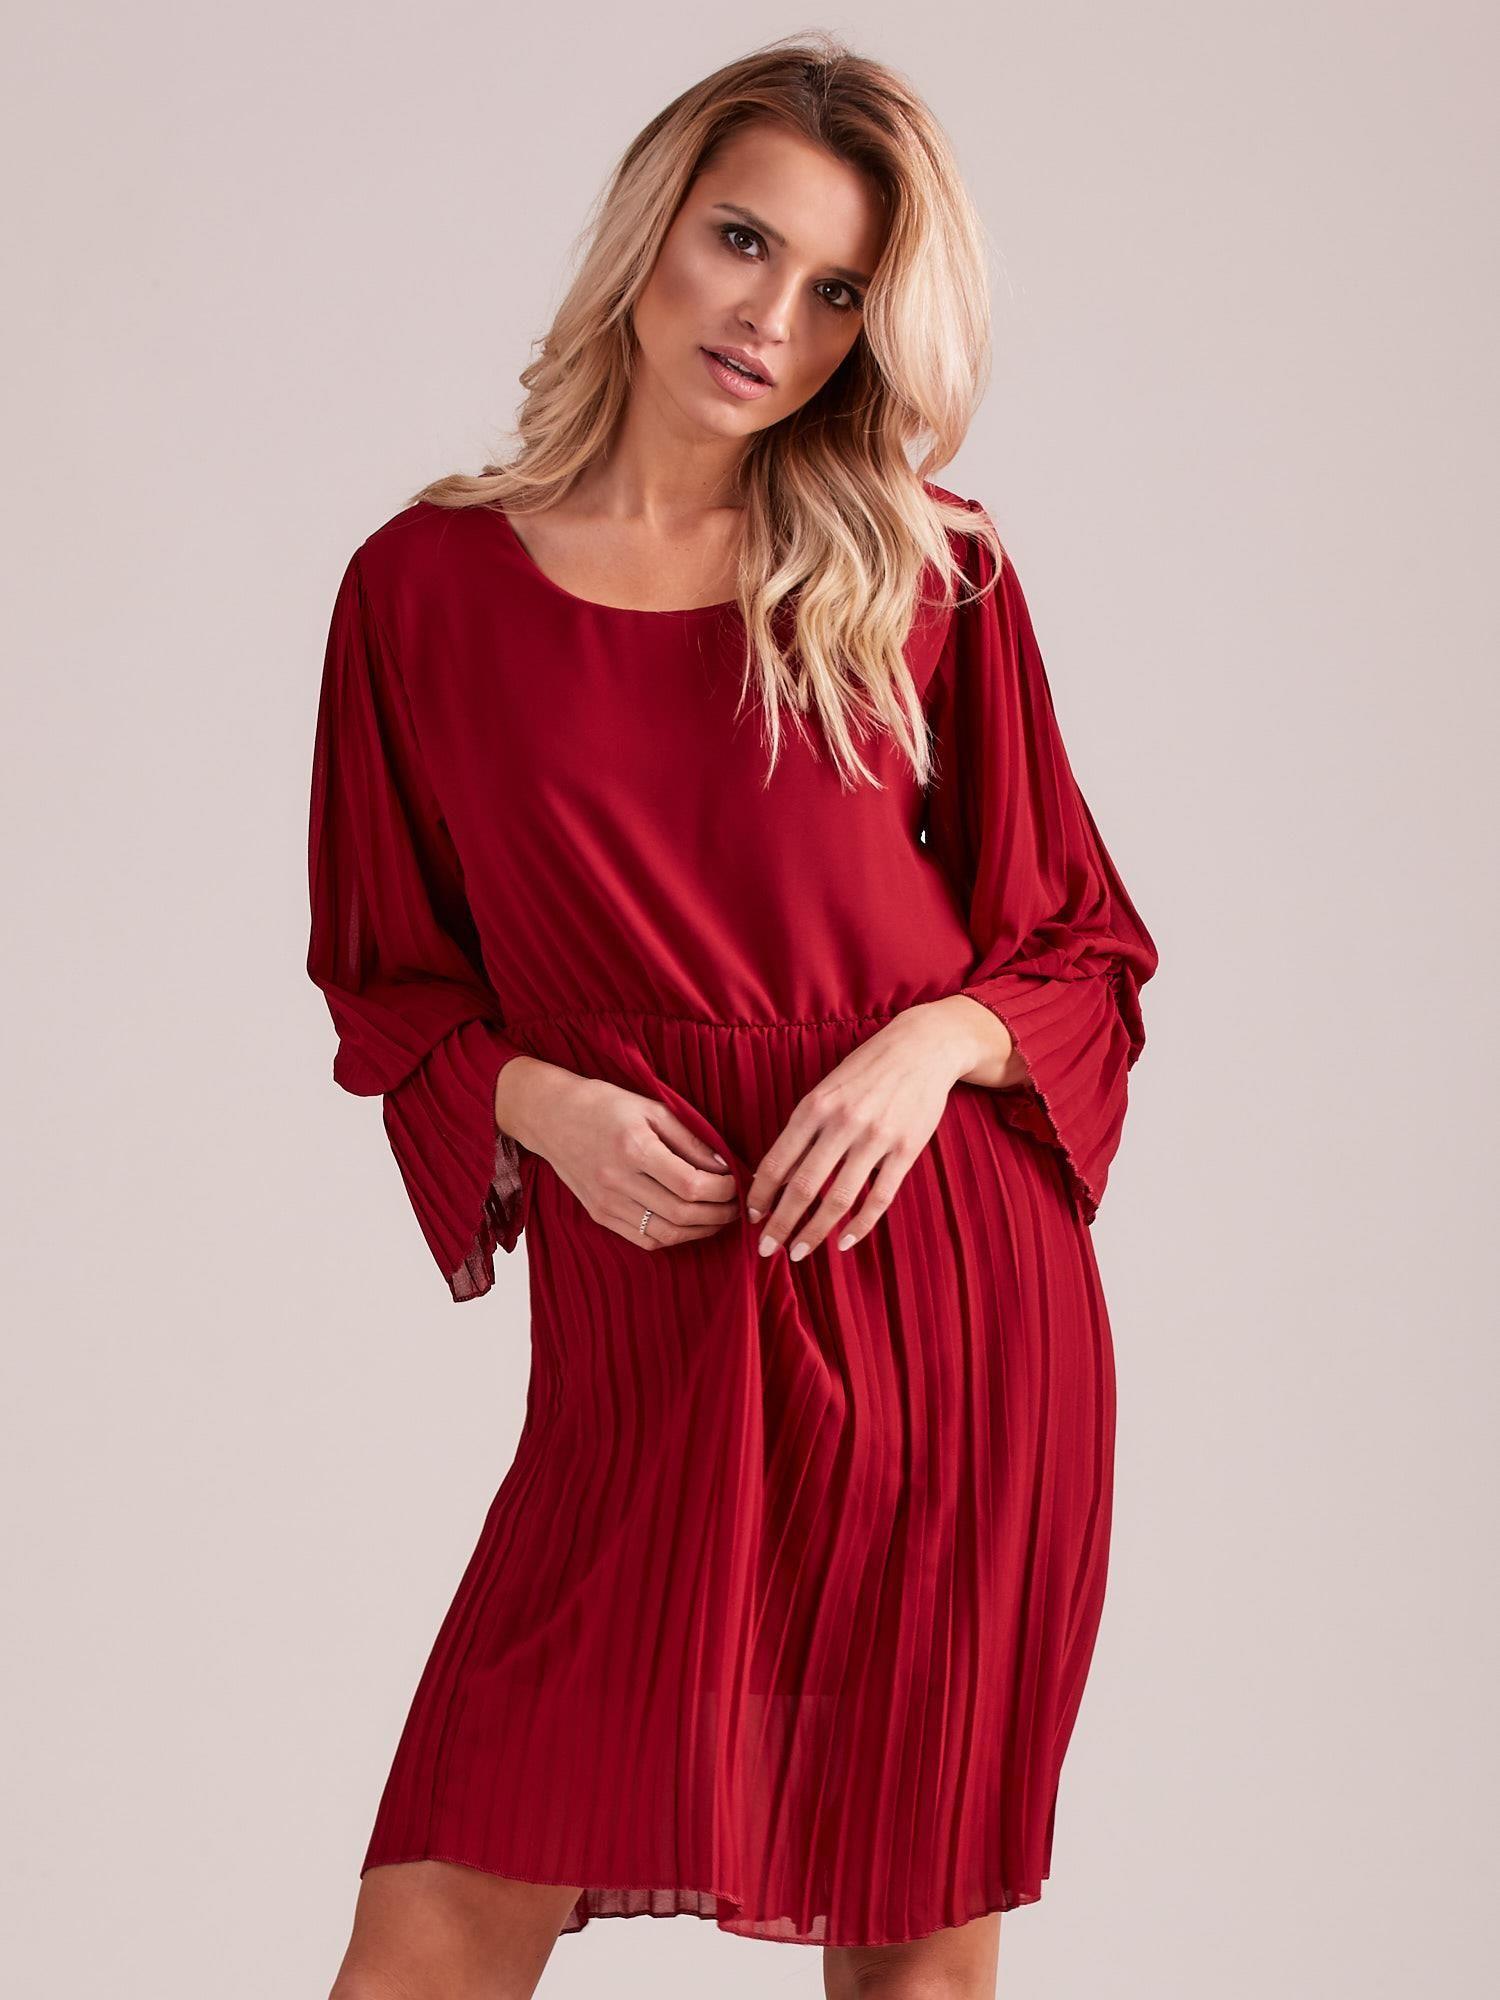 d9a6c86440 Bordowa plisowana sukienka - Sukienka koktajlowa - sklep eButik.pl